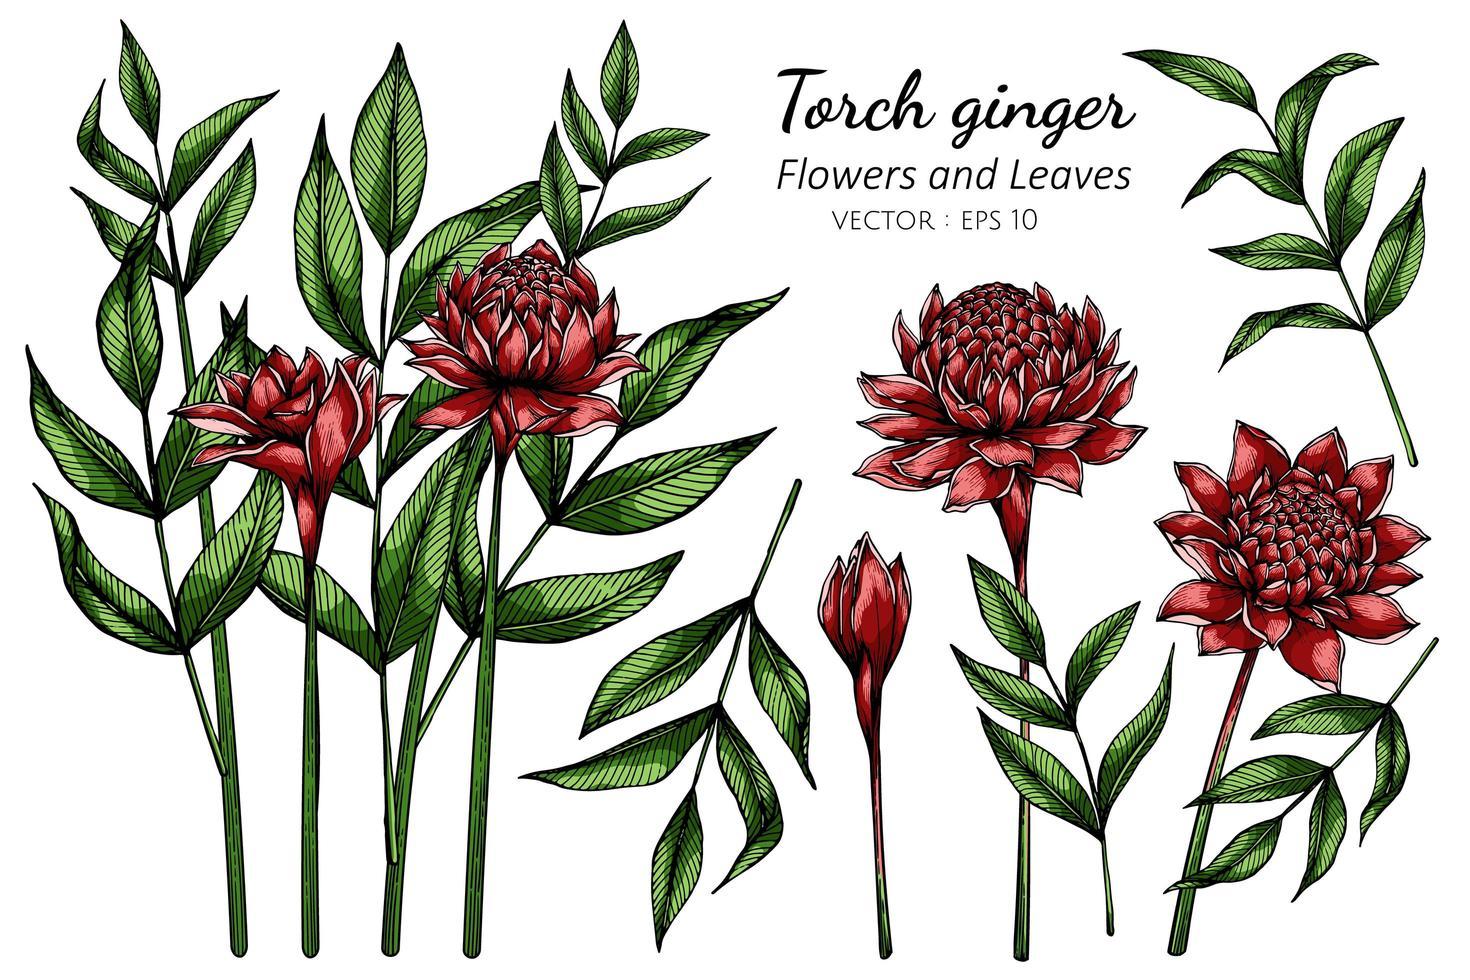 uppsättning röd fackla ingefära blomma vektor